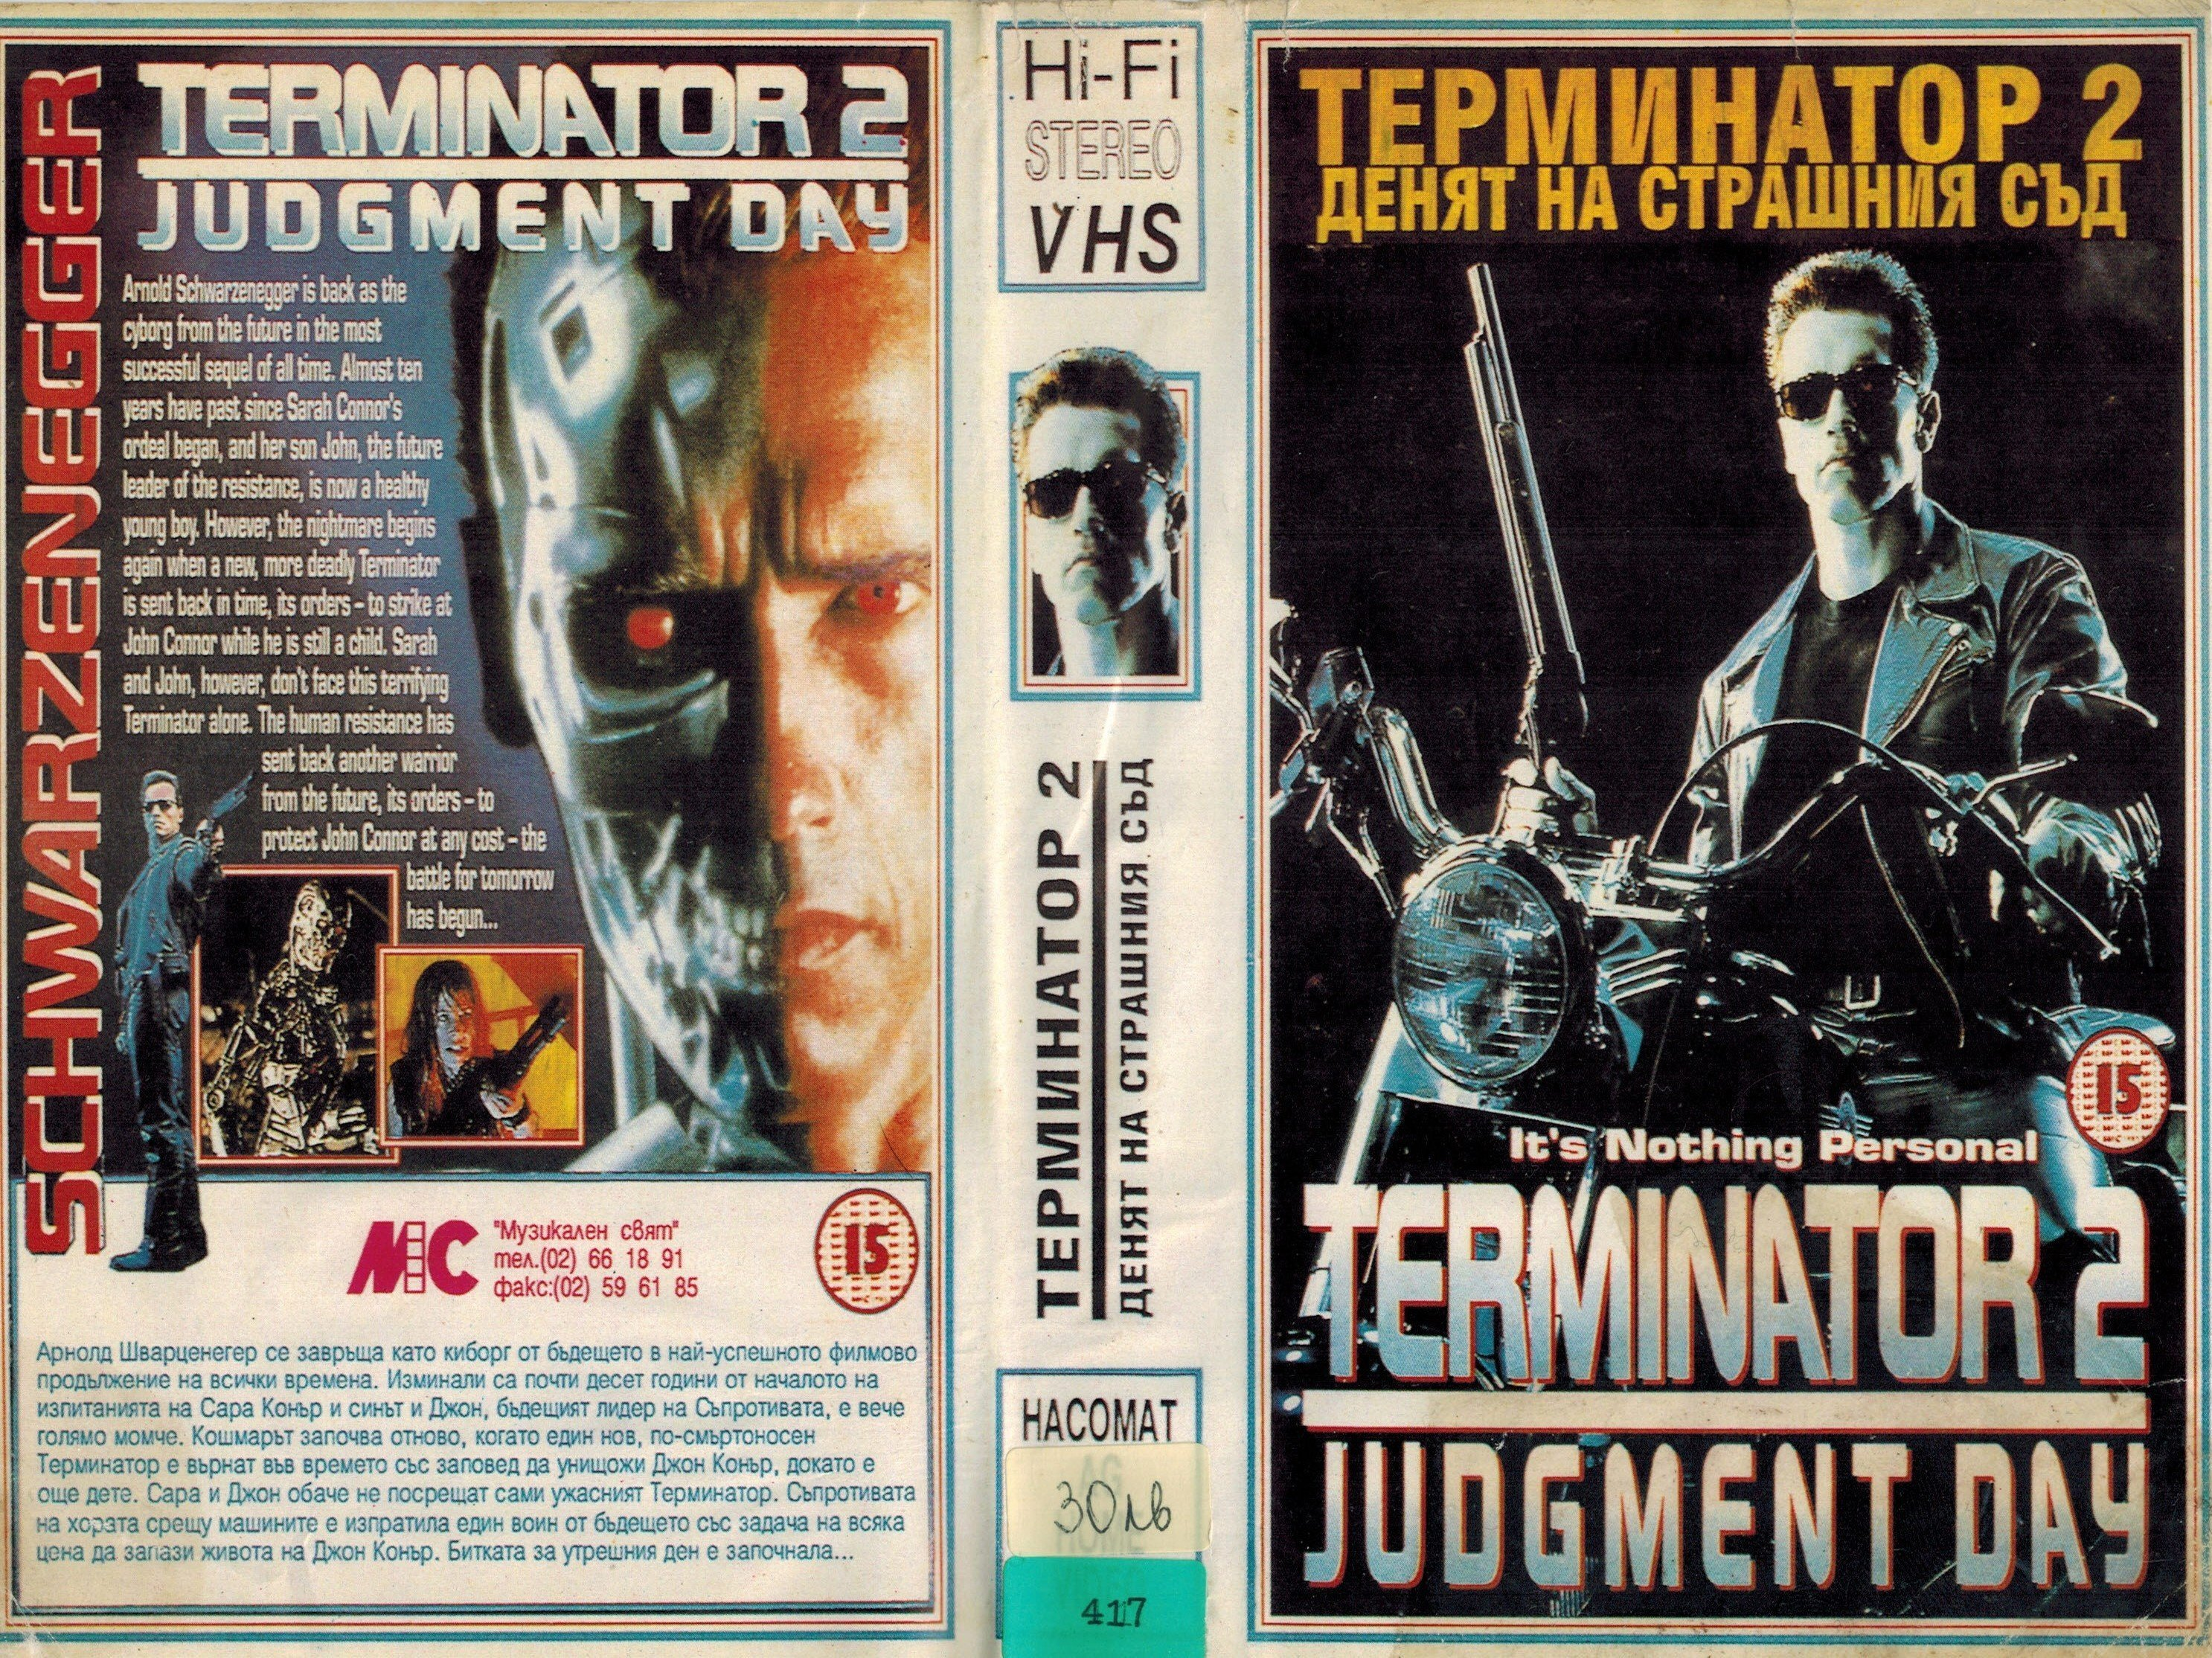 Терминатор 2: Денят на страшния съд